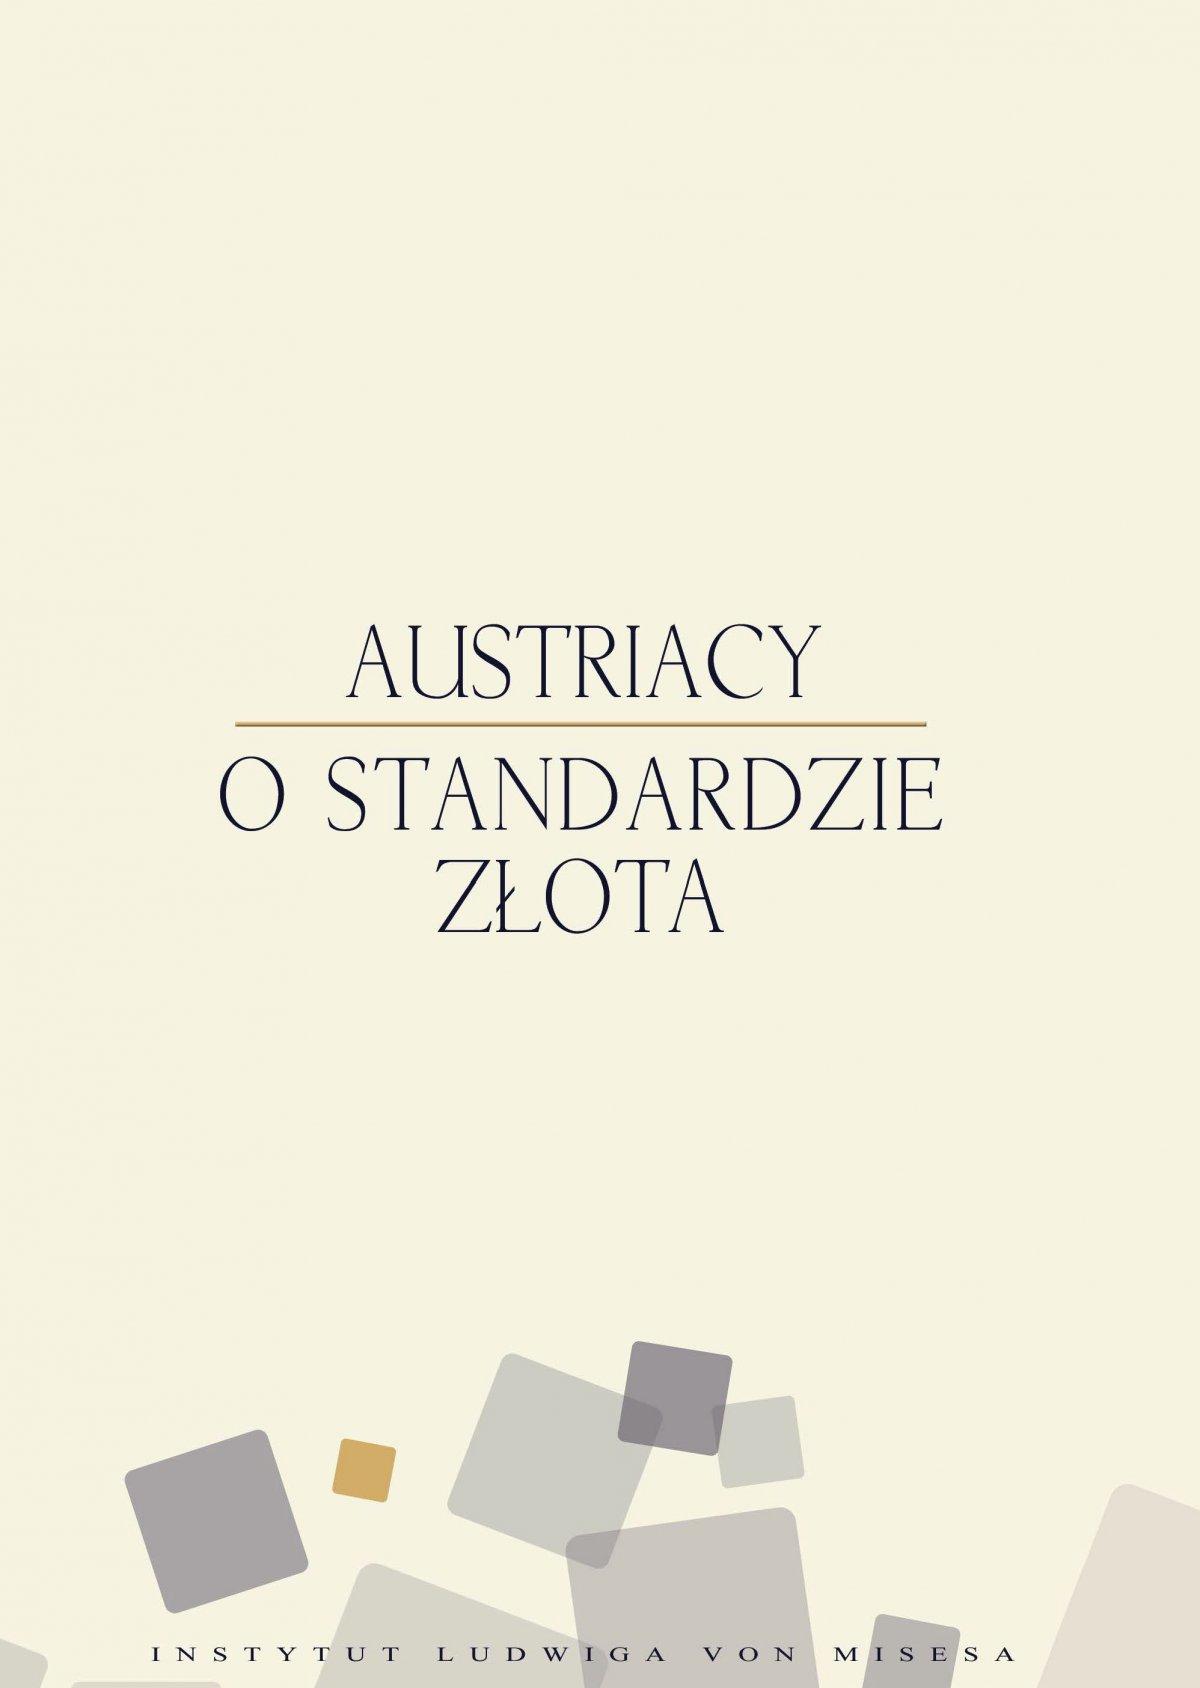 Austriacy o standardzie złota - Ebook (Książka na Kindle) do pobrania w formacie MOBI